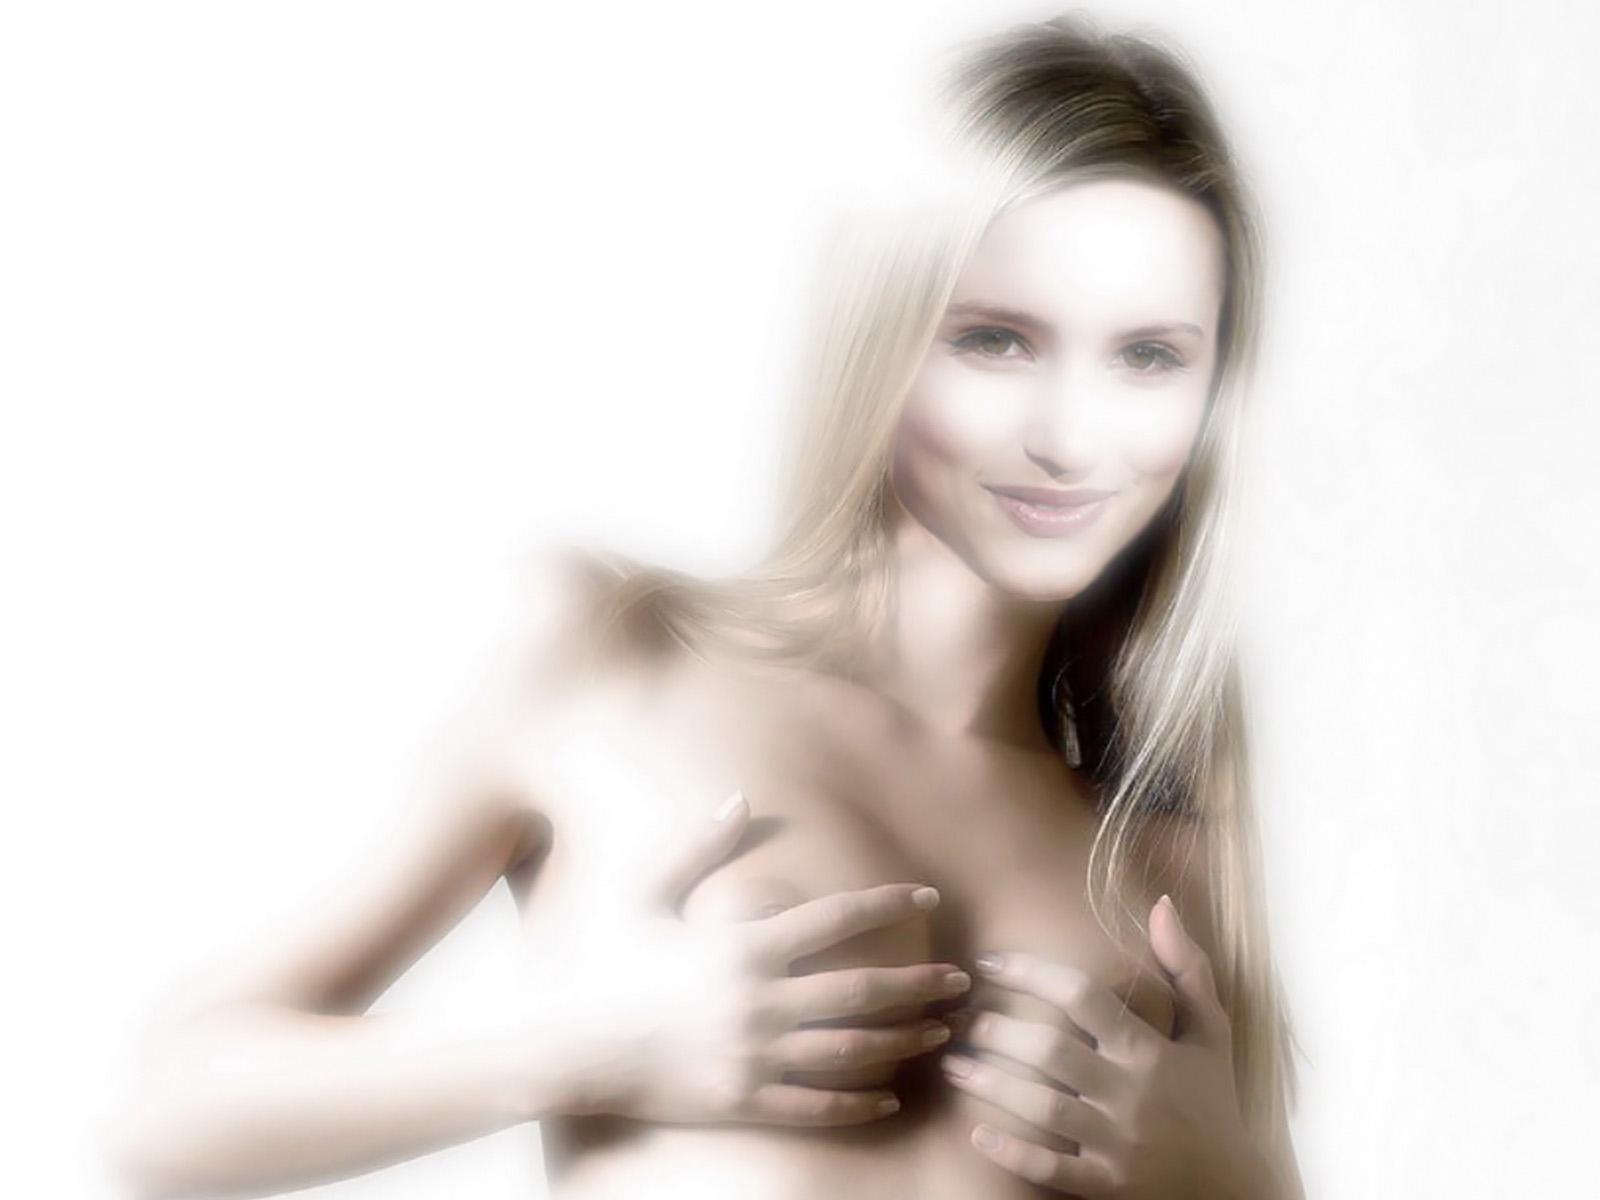 http://3.bp.blogspot.com/-NrNG7Yfu57Q/Tsia7cEdAhI/AAAAAAAACy0/W3N2naXZ3s0/s1600/Dianna+Agron+sexu+nude+photossesion+hot+naked+photo+shoot+1.jpg